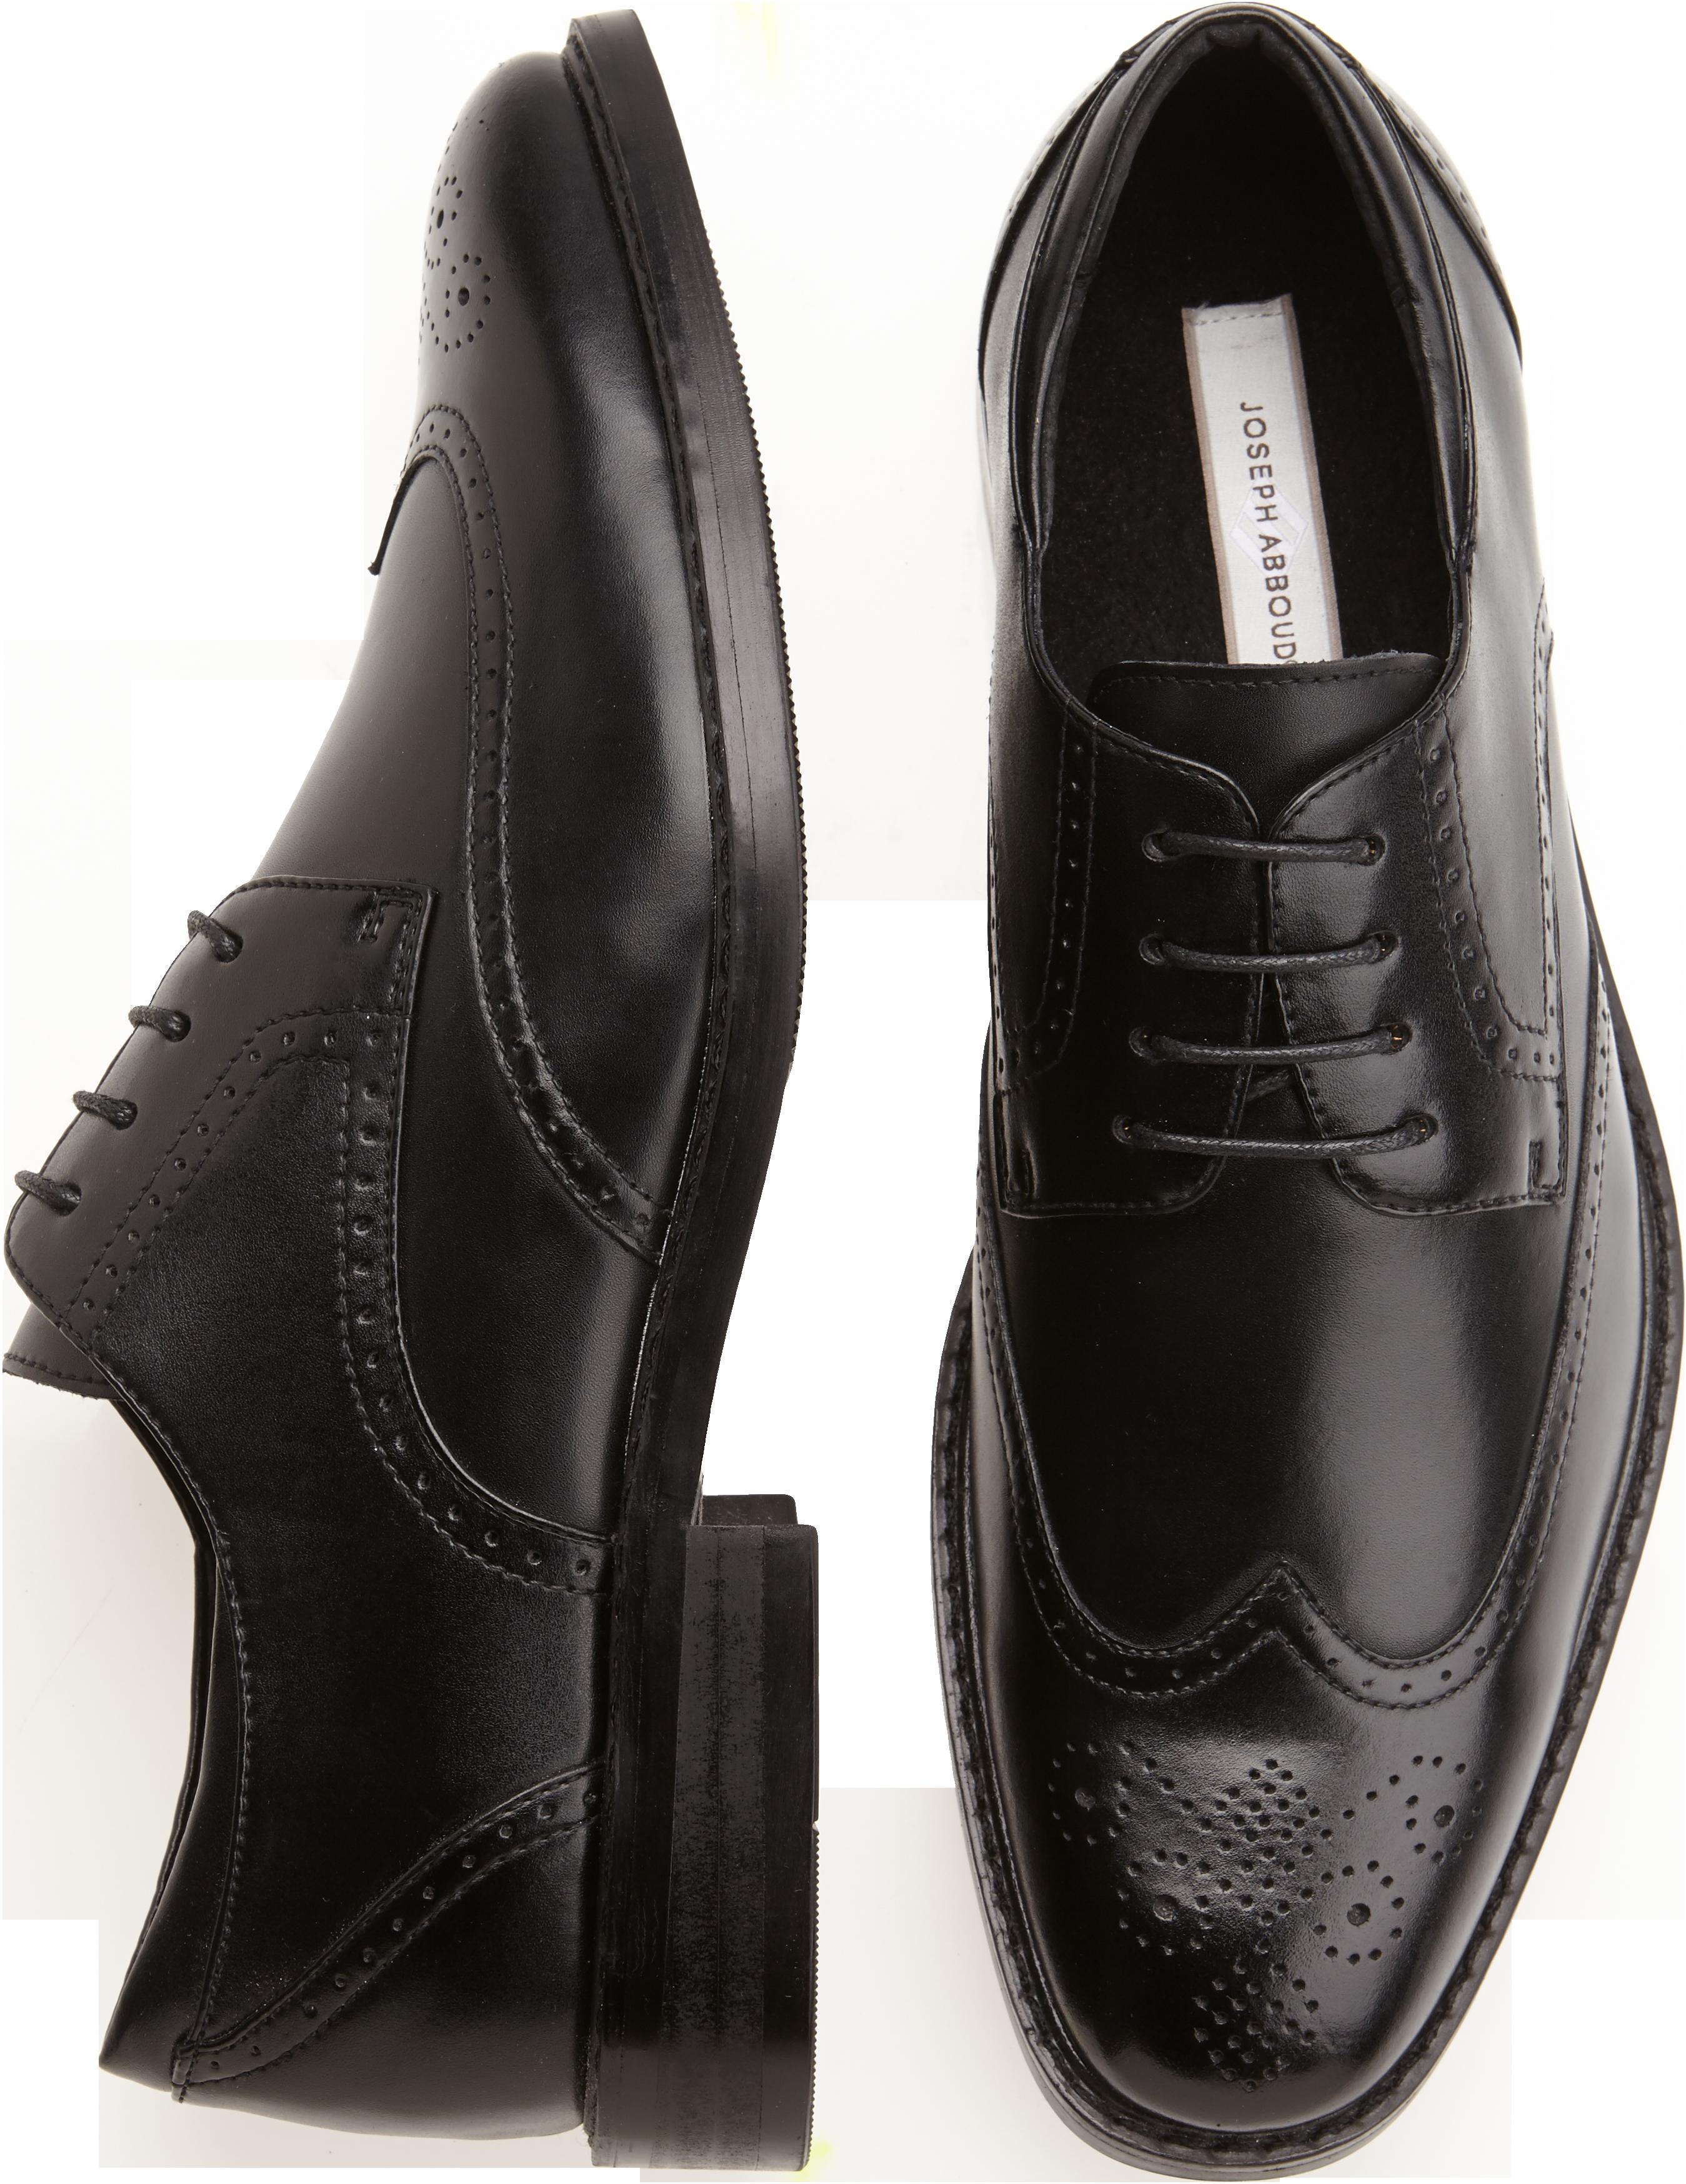 En Blanco Y Negro Zapatos De Punta De Ala Nike Cazadora De Los Hombres wFfQmiY